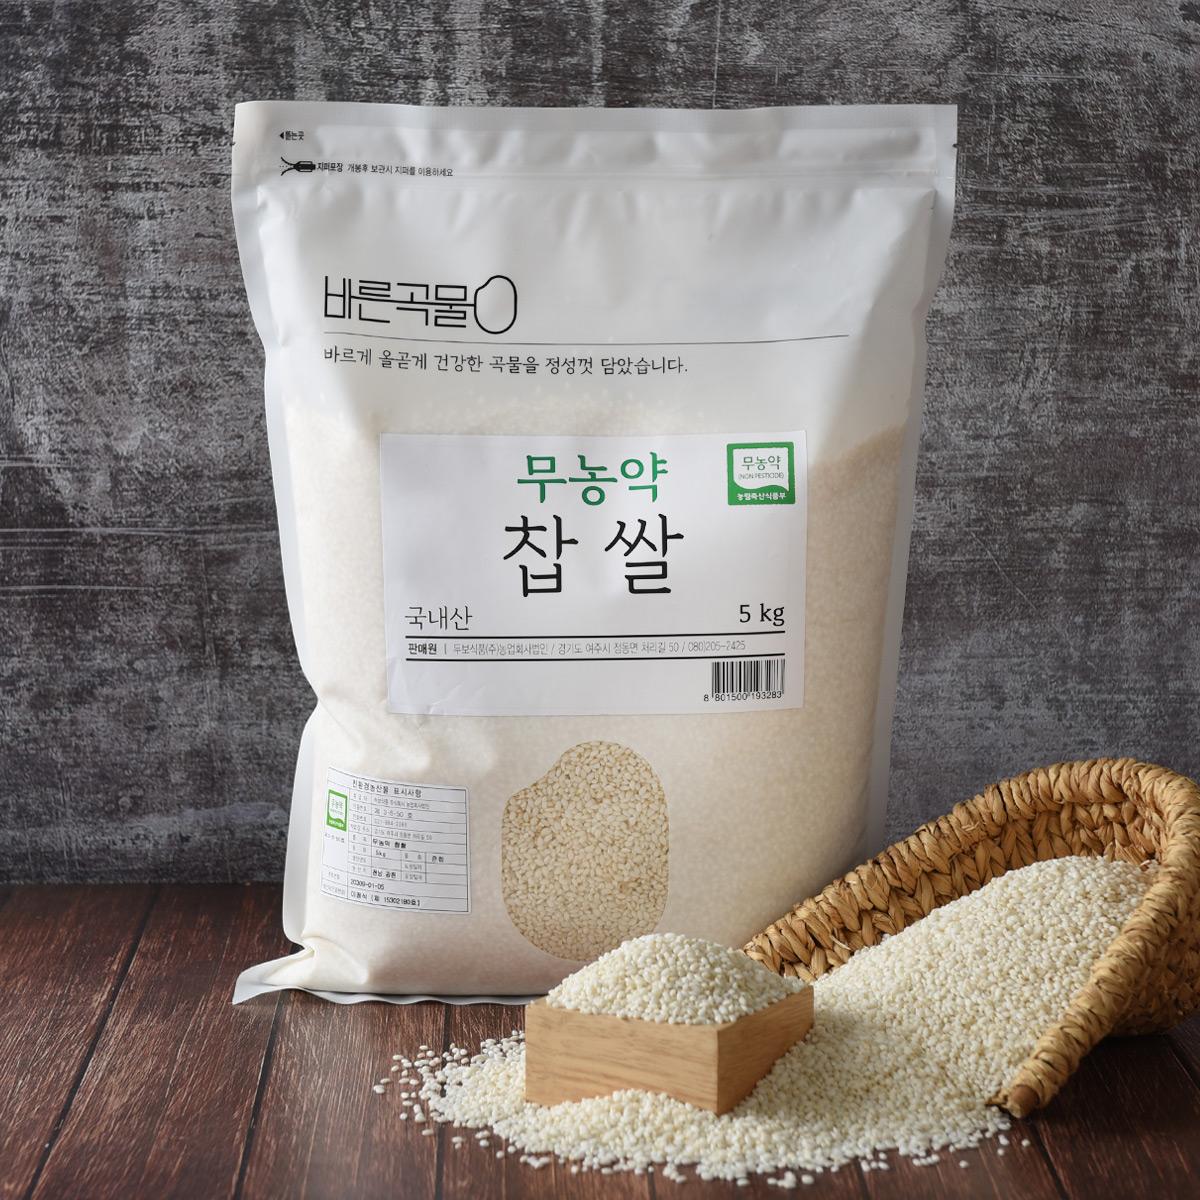 바른곡물 무농약 찹쌀, 5kg, 1개